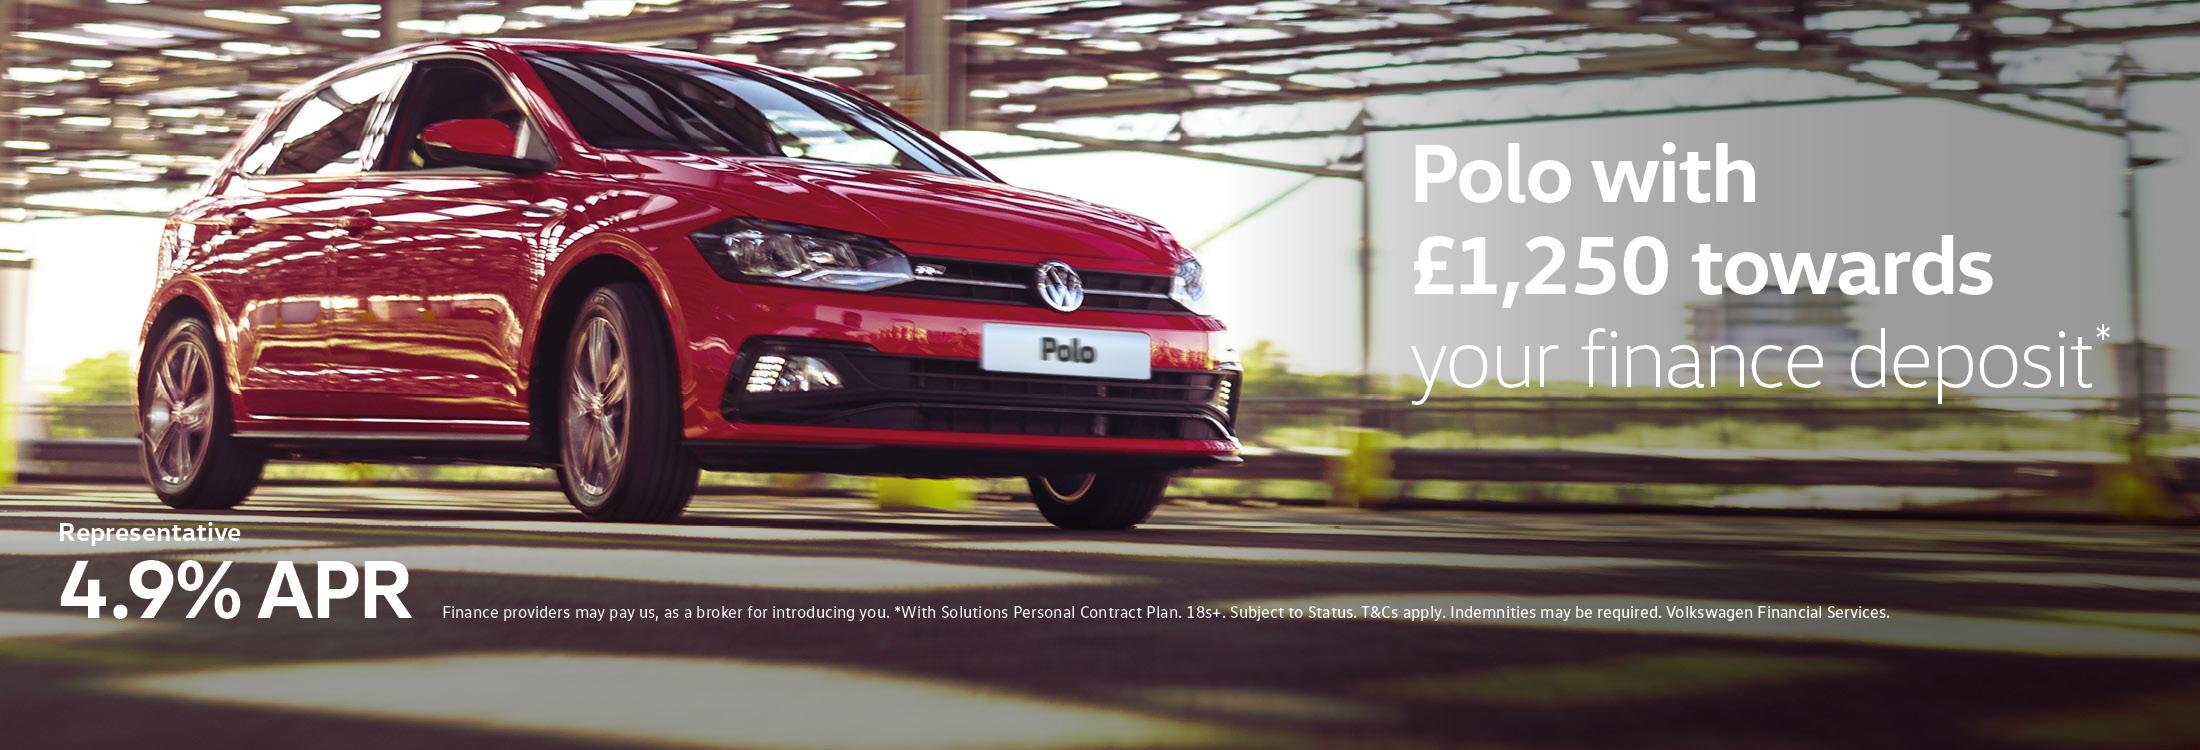 Polo £1250 4.9%